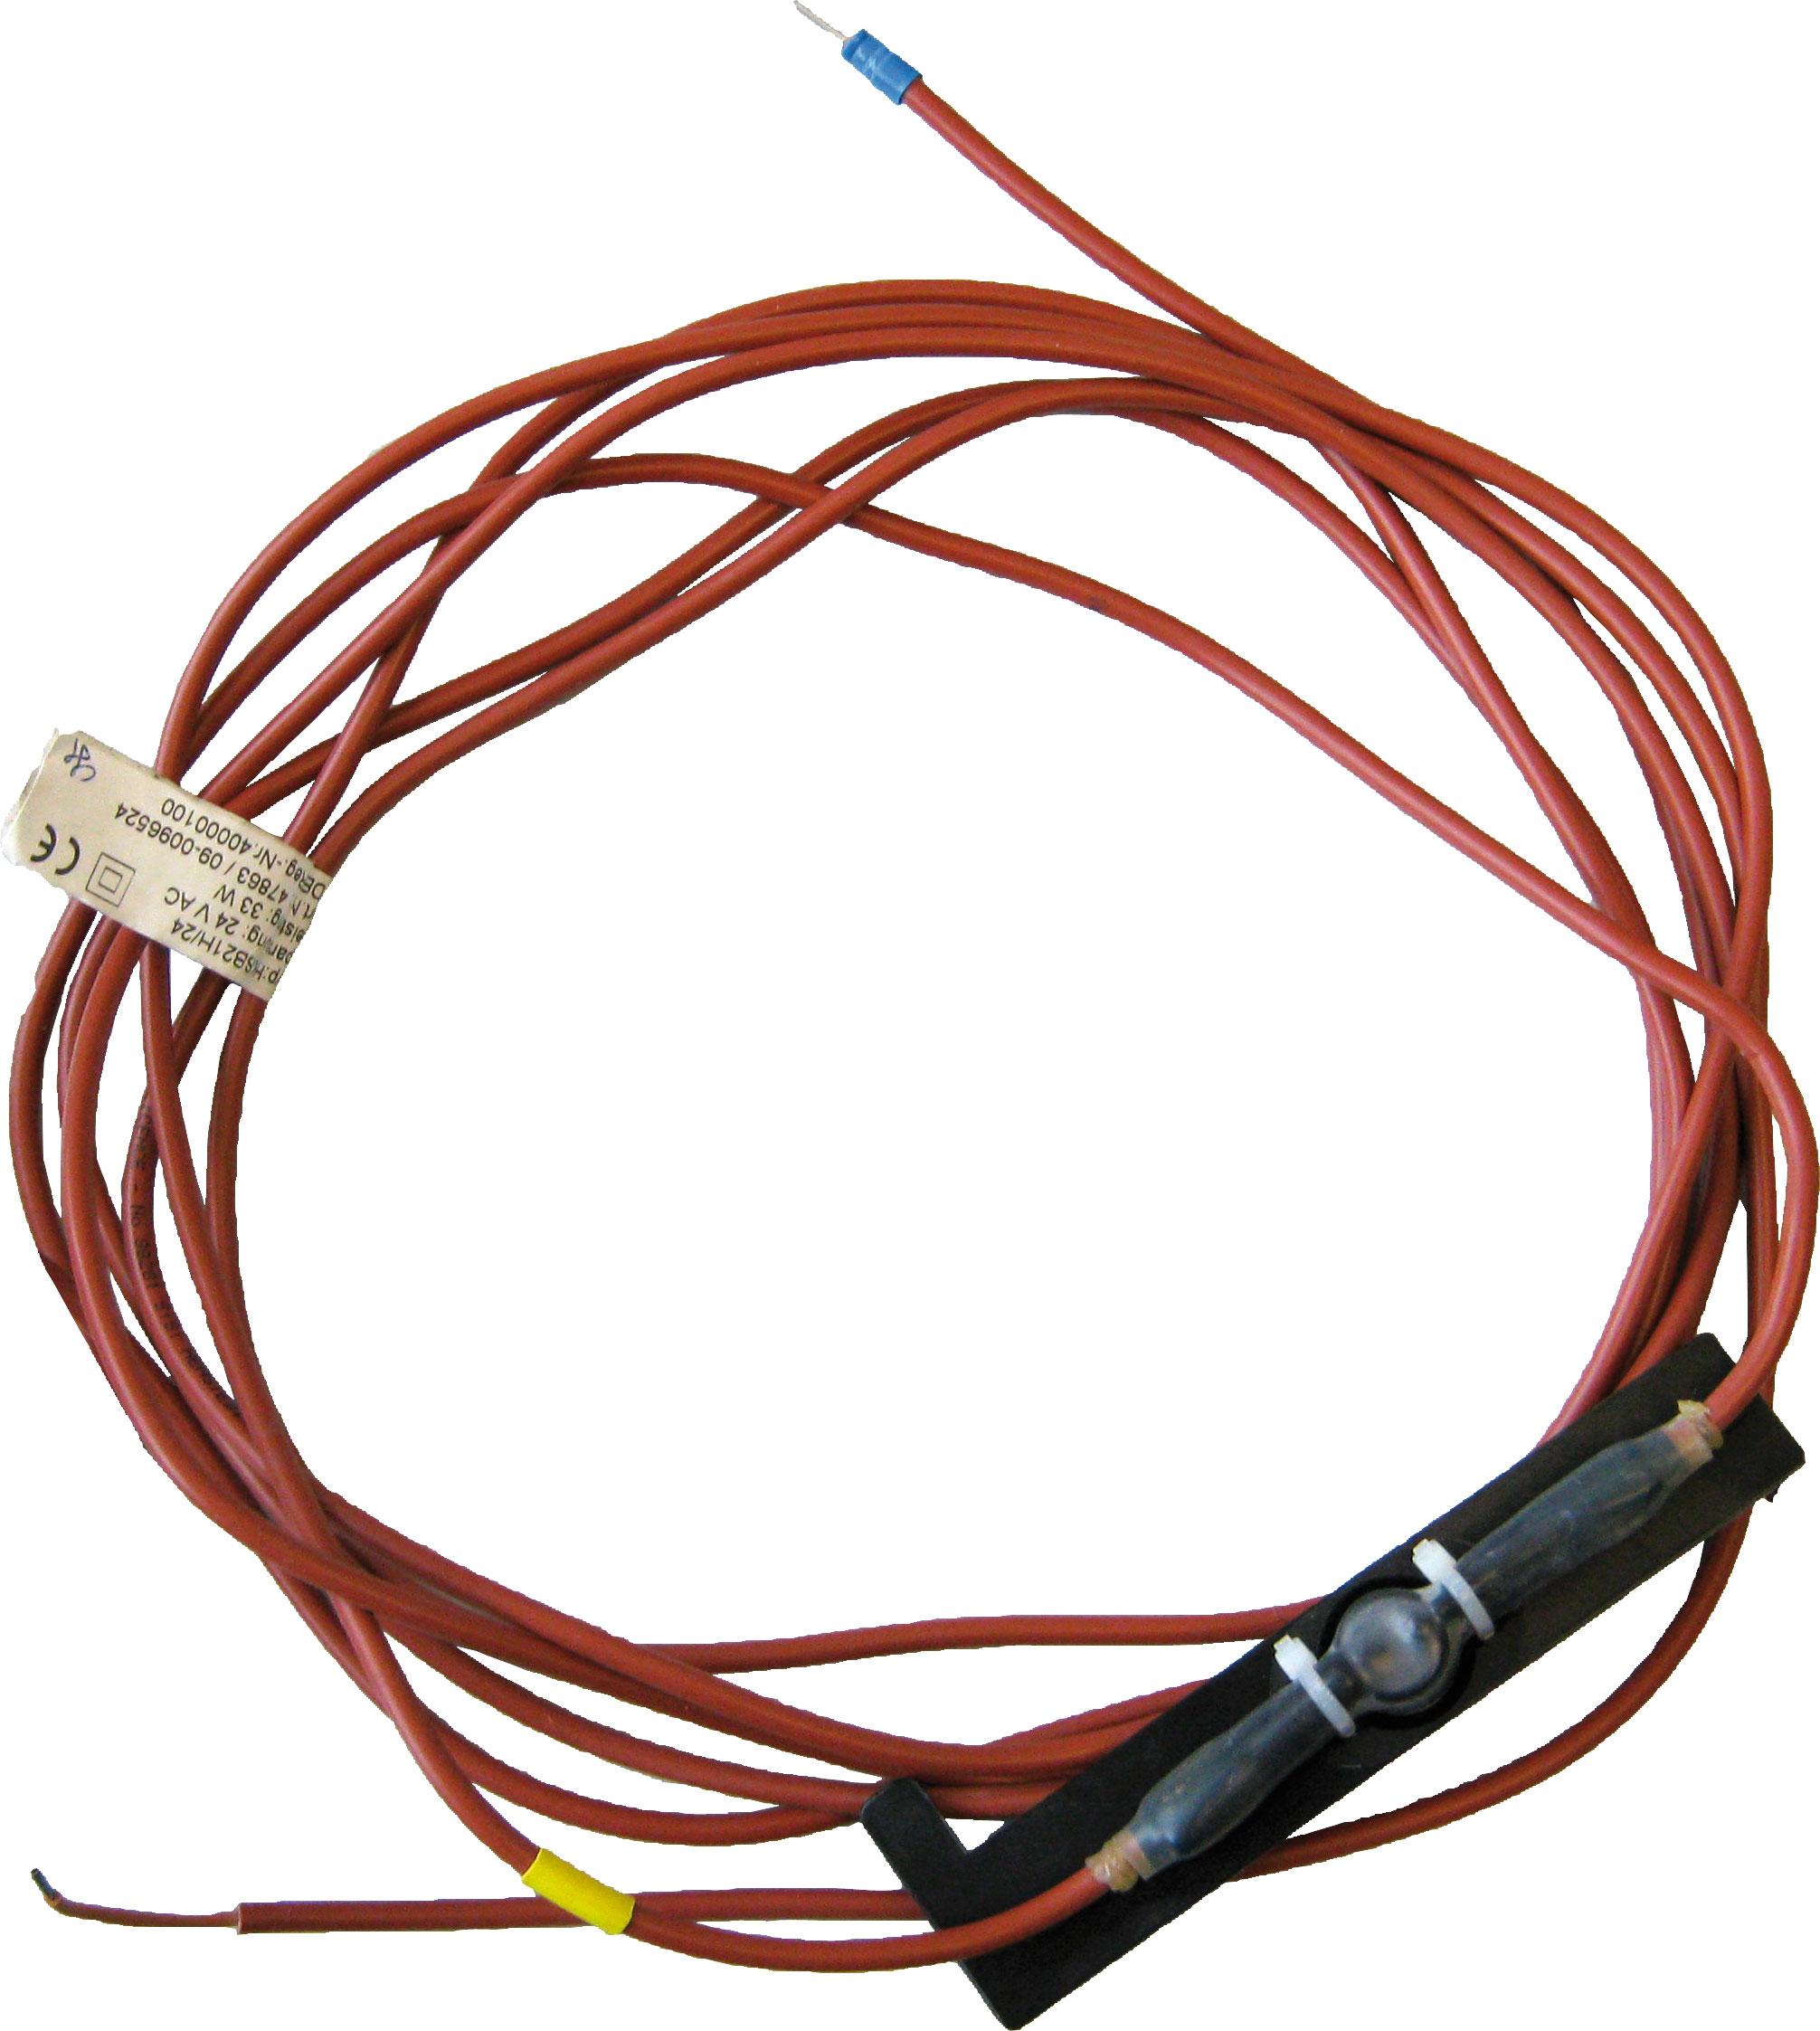 Rohrbegleitheizung SB 2 / 230 Volt / 54 Watt (Frostschutz bis ca. -20°C) zum Nachrüsten